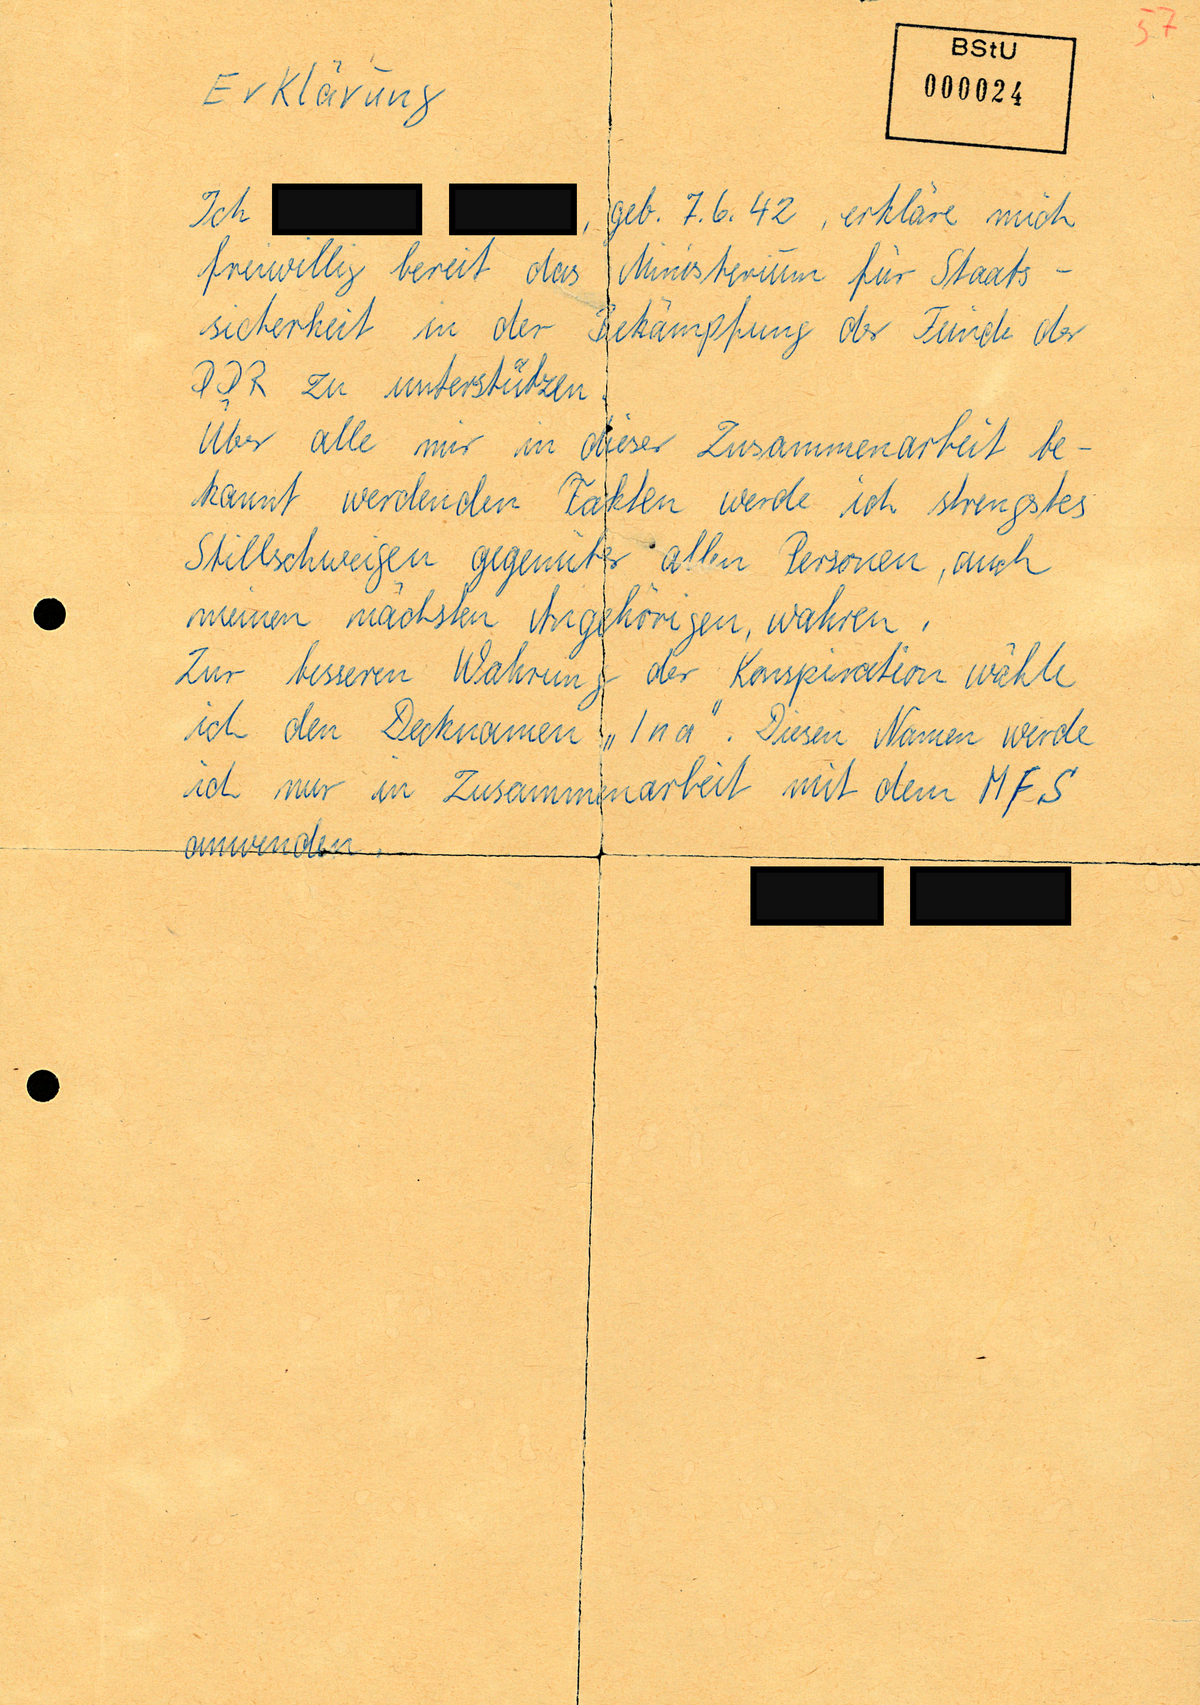 [handschriftlich: Erklärung  Ich, [anonymisiert], geb. 07.06.42, erkläre mich freiwillig bereit das Ministerium für Staatssicherheit in der Bekämpfung der Feinde der DDR zu unterstützen. Über alle mir in dieser Zusammenarbeit bekannt werdenden Fakten werde ich strengstes Stillschweigen gegenüber allen Personen, auch meinen nächsten Angehörigen, wahren. Zur besseren Wahrung der Konspiration wähle ich den Decknamen 'Ina'. Diesen Namen werde ich nur in Zusammenarbeit mit dem MfS anwenden.]  [anonymisiert]